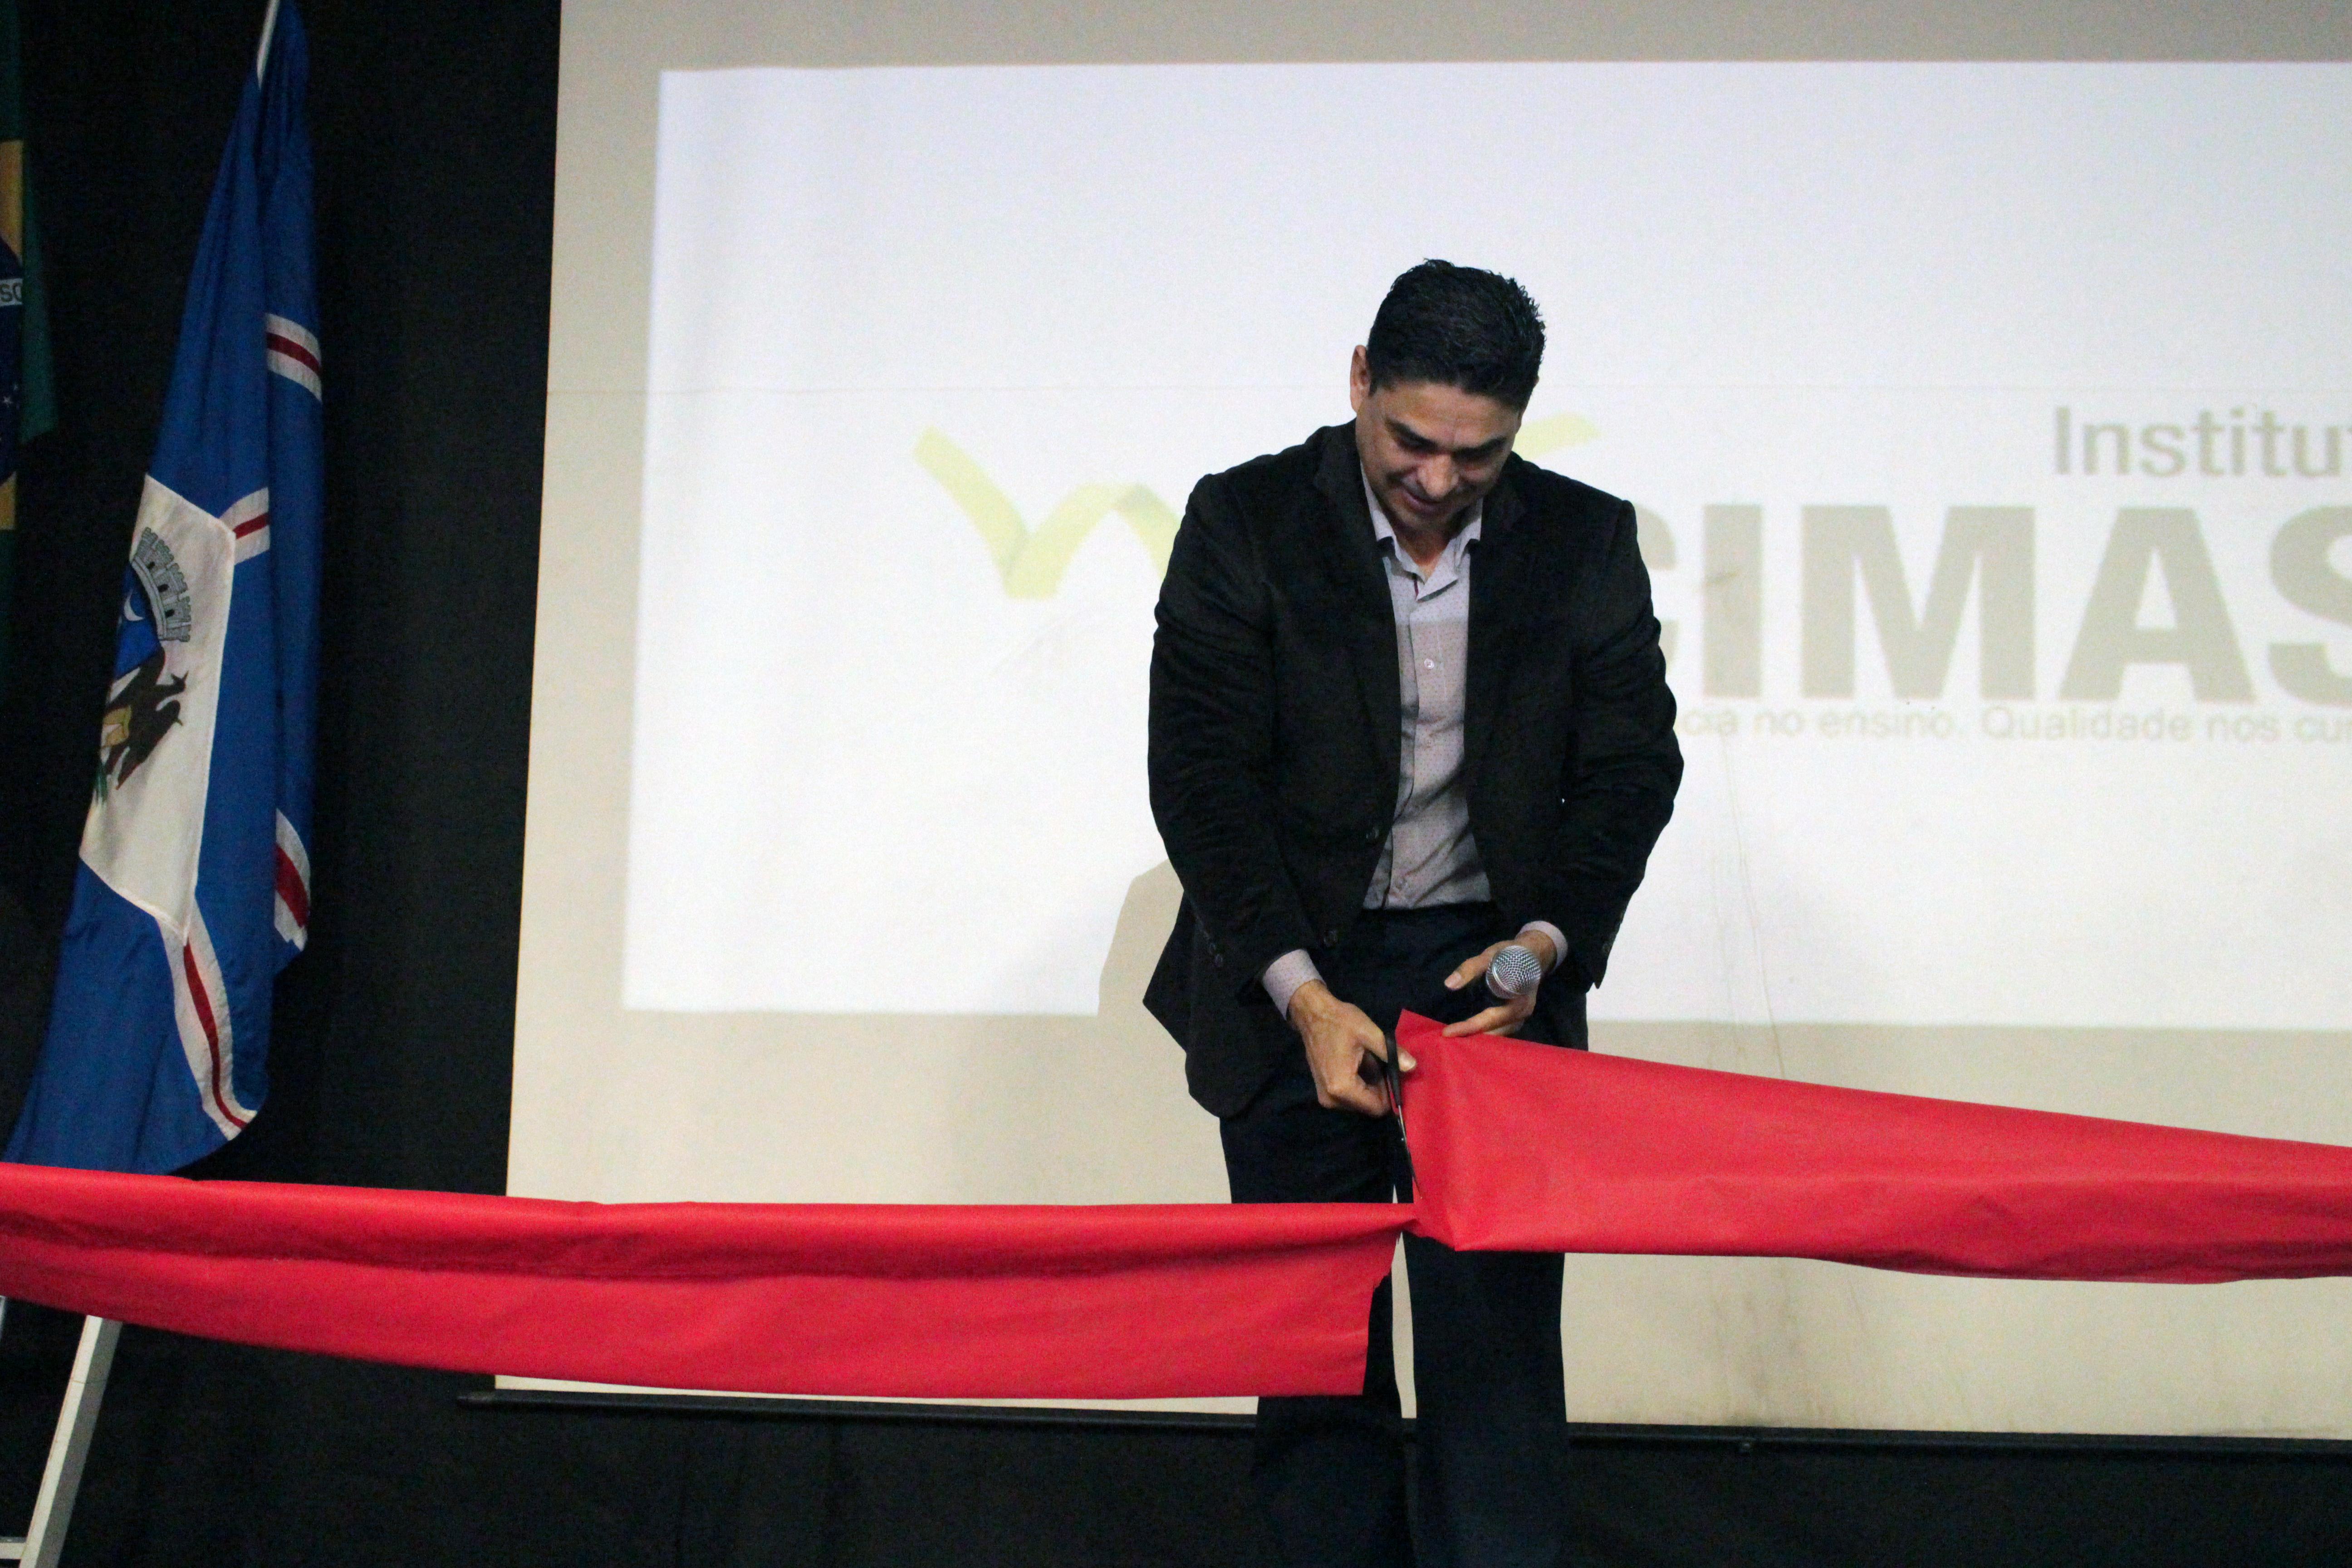 - Inauguração da nova unidade Instituto Cimas em Guarulhos